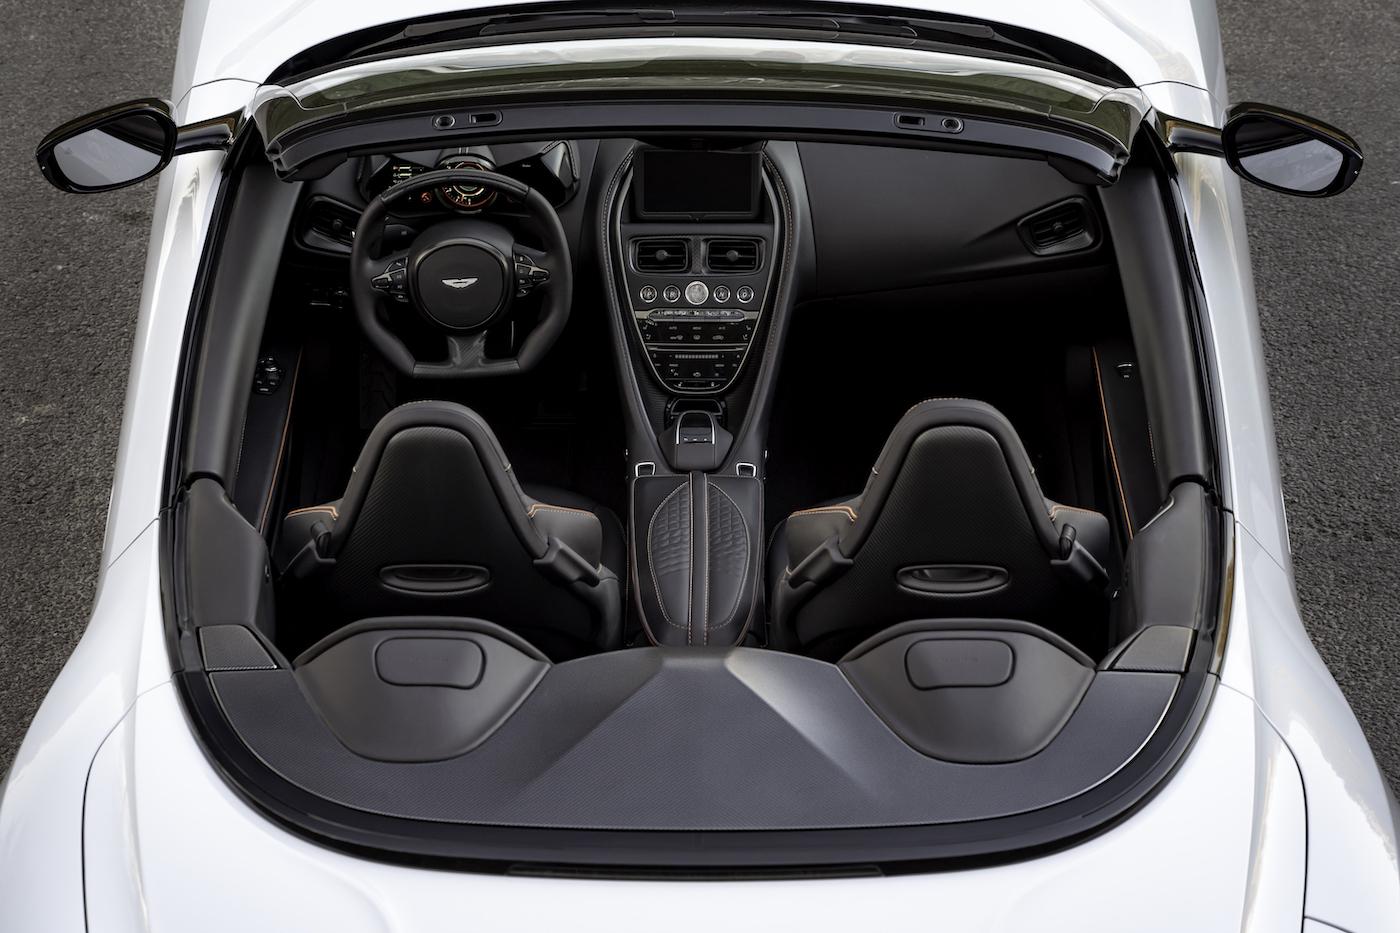 Aston Martin DBS Superleggera Volante: Ein Supersport-Cabrio mit 725 PS 10